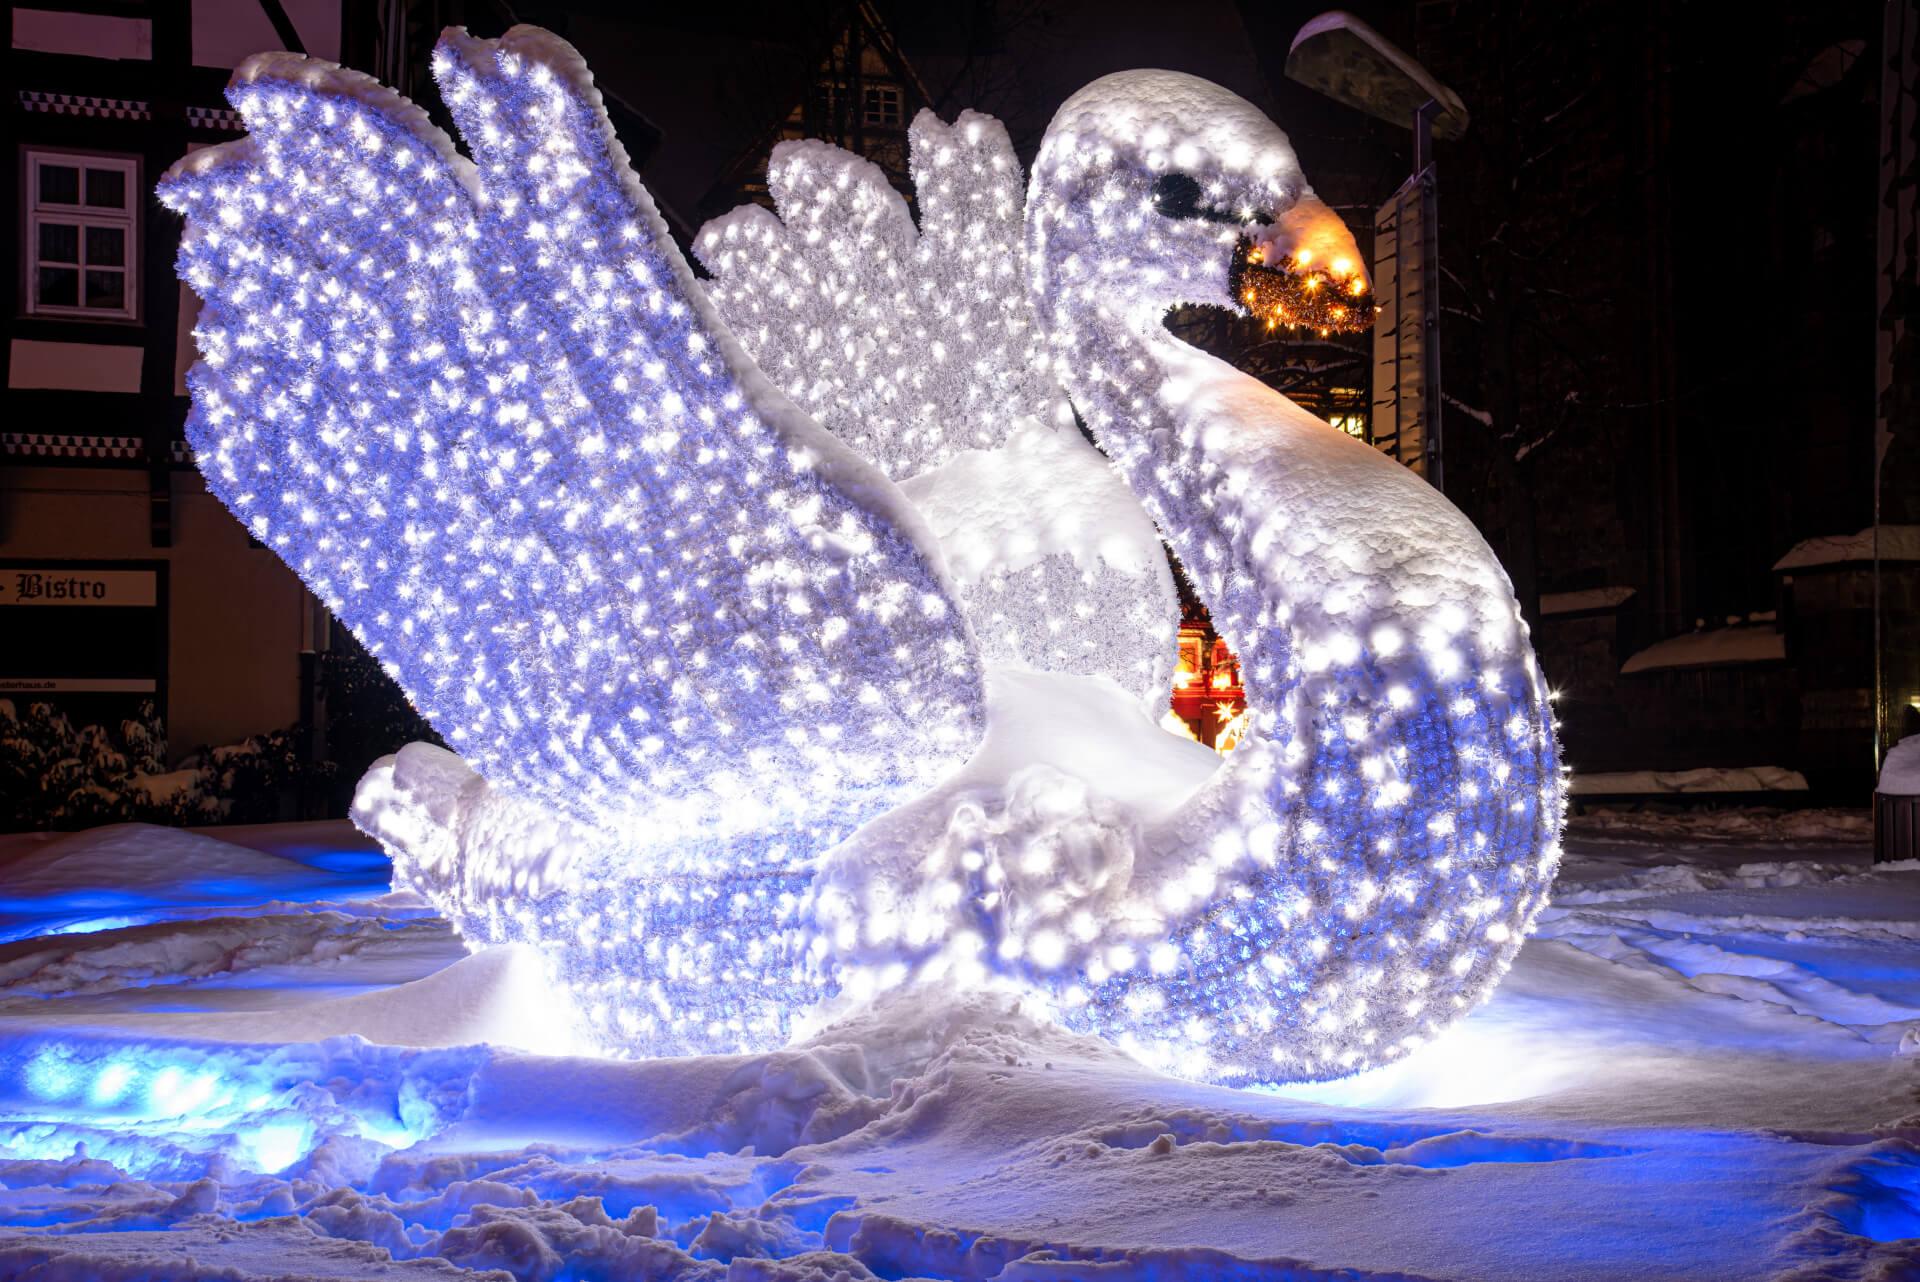 Lichterzauber im Schnee, Schwan